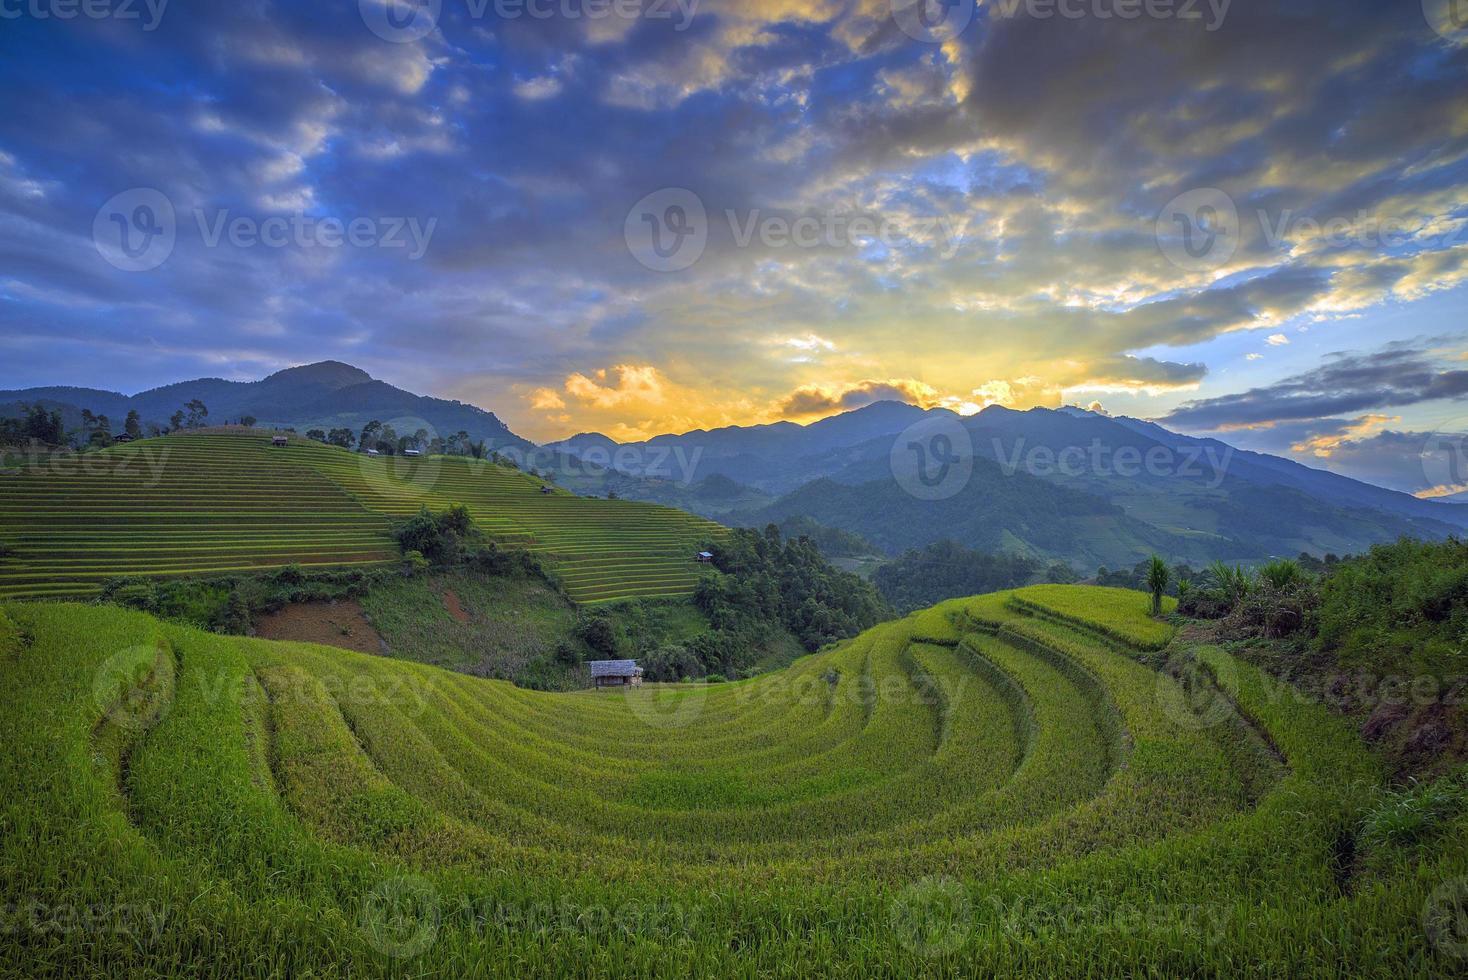 terrazza del riso in vietnam foto